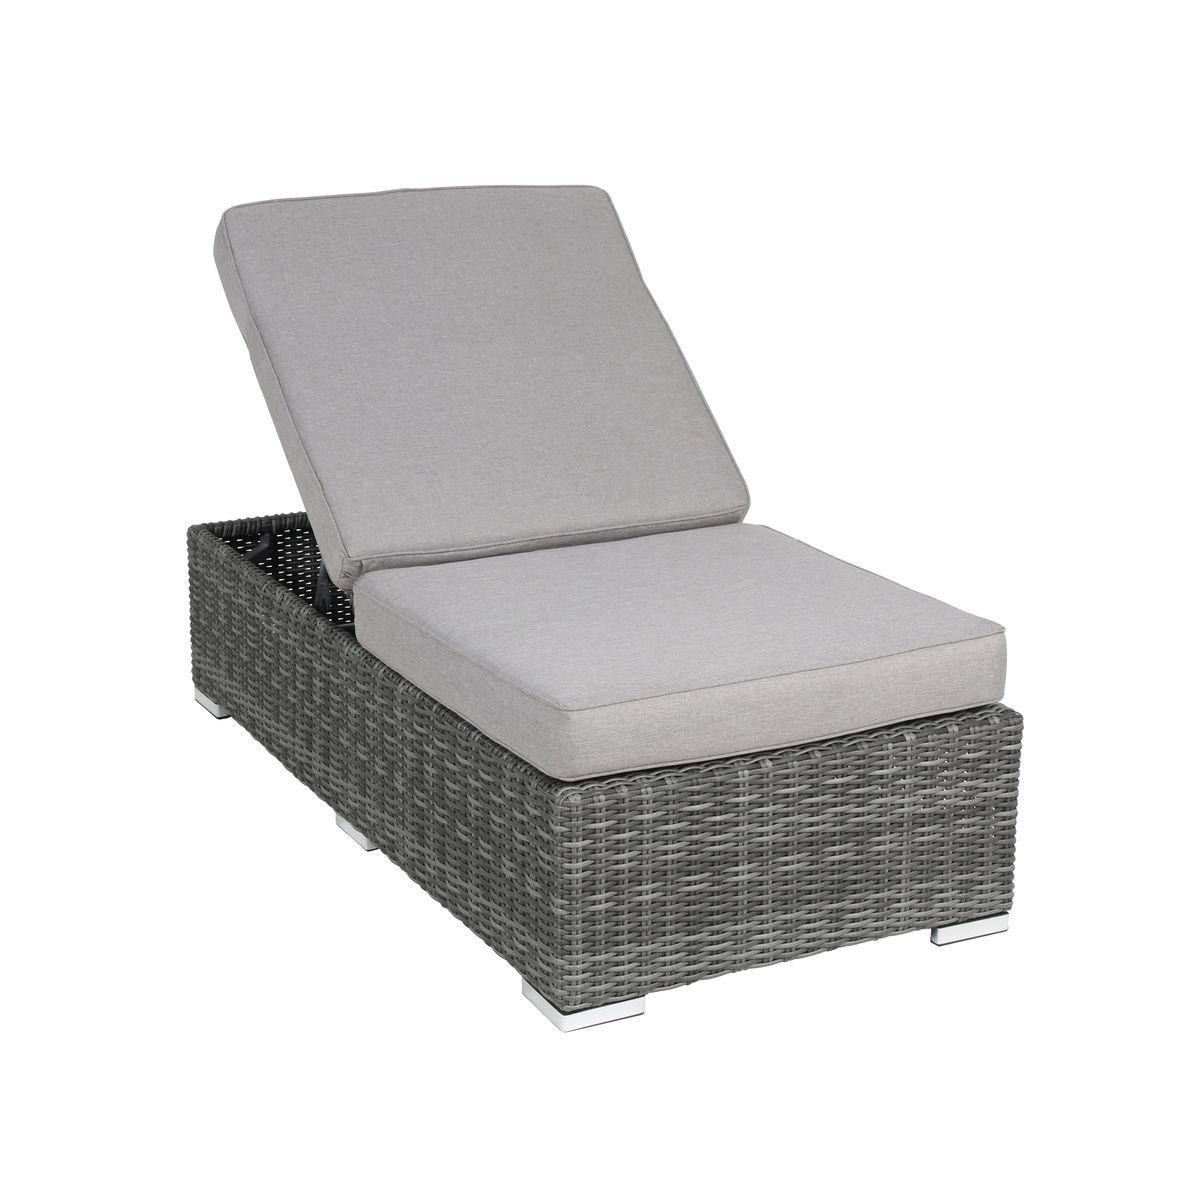 Gartenliege rattan grau  greemotion Gartenliege als Lounge-Modul Bari - Sonnenliege mit ...